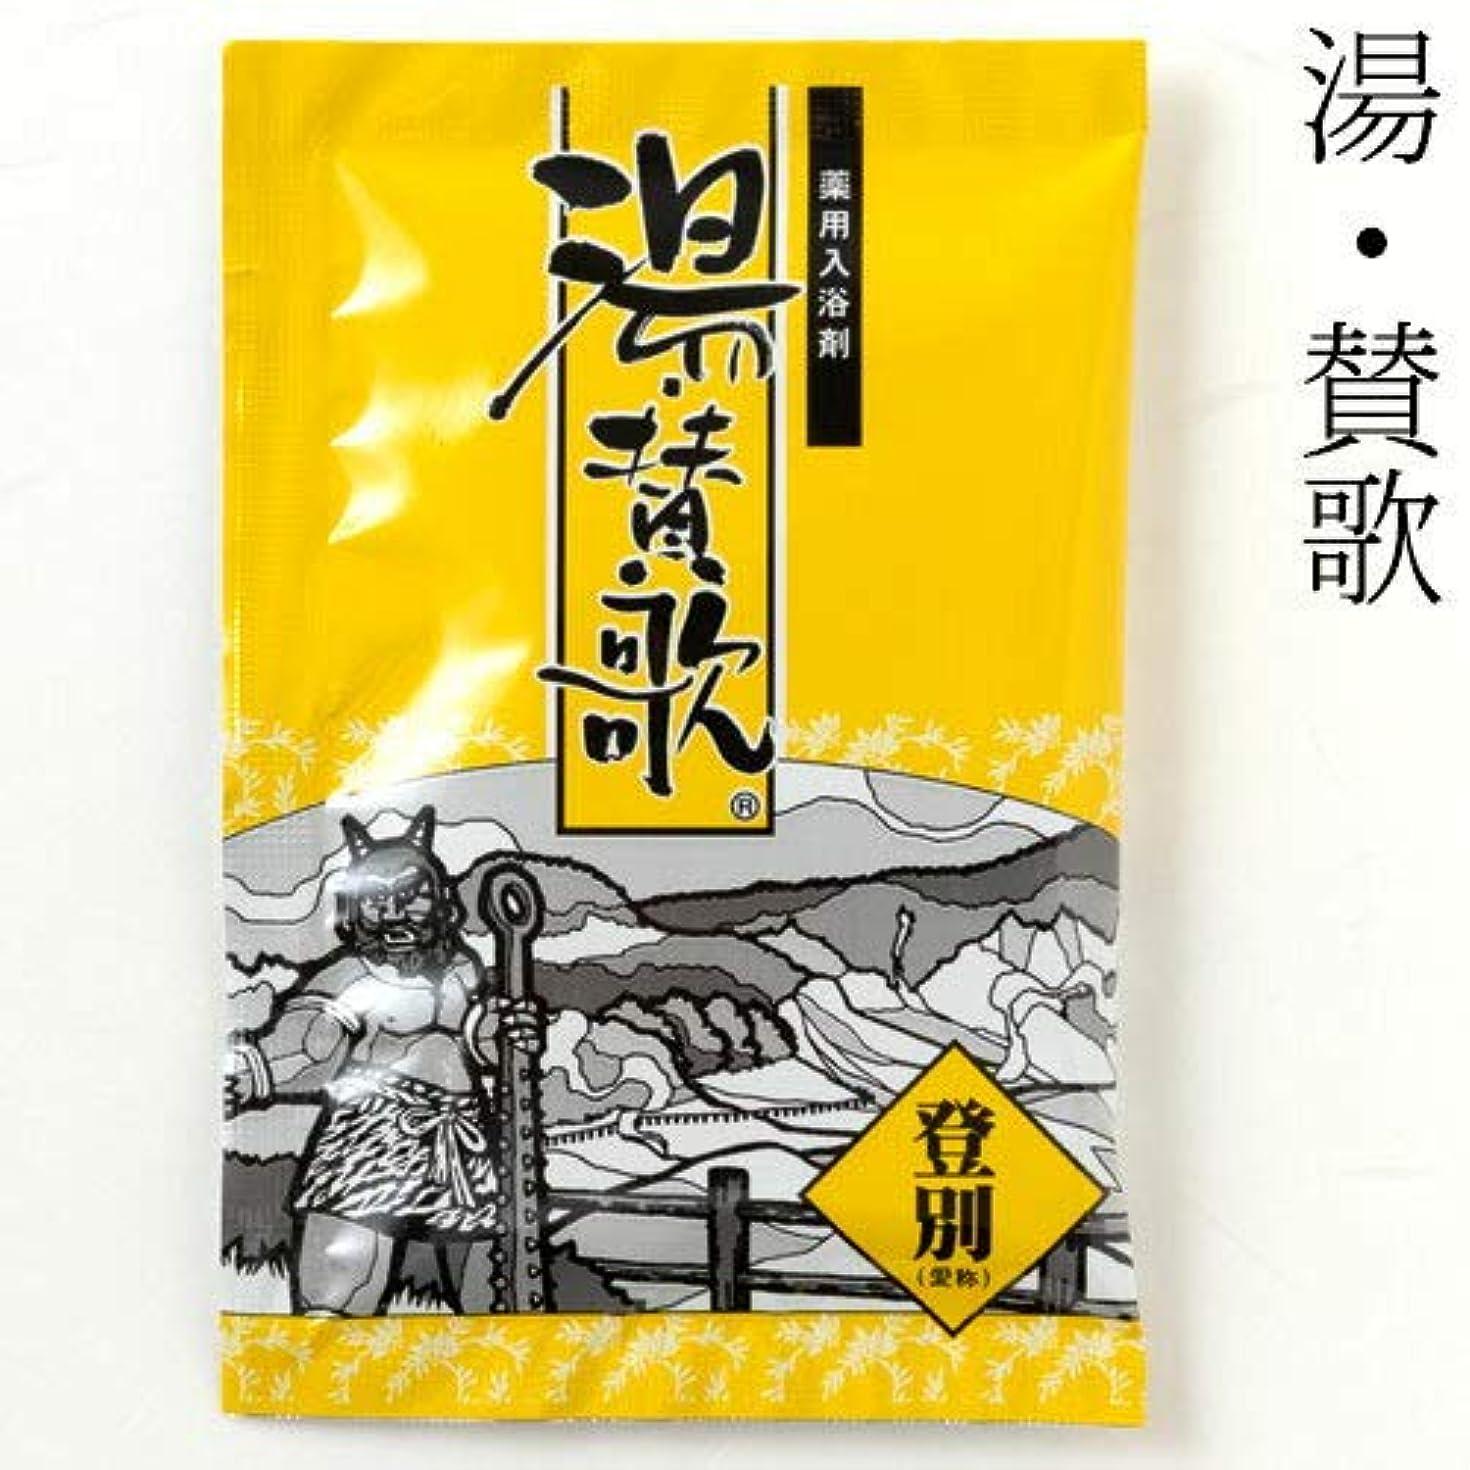 火炎呼吸瀬戸際入浴剤湯?賛歌登別1包石川県のお風呂グッズBath additive, Ishikawa craft